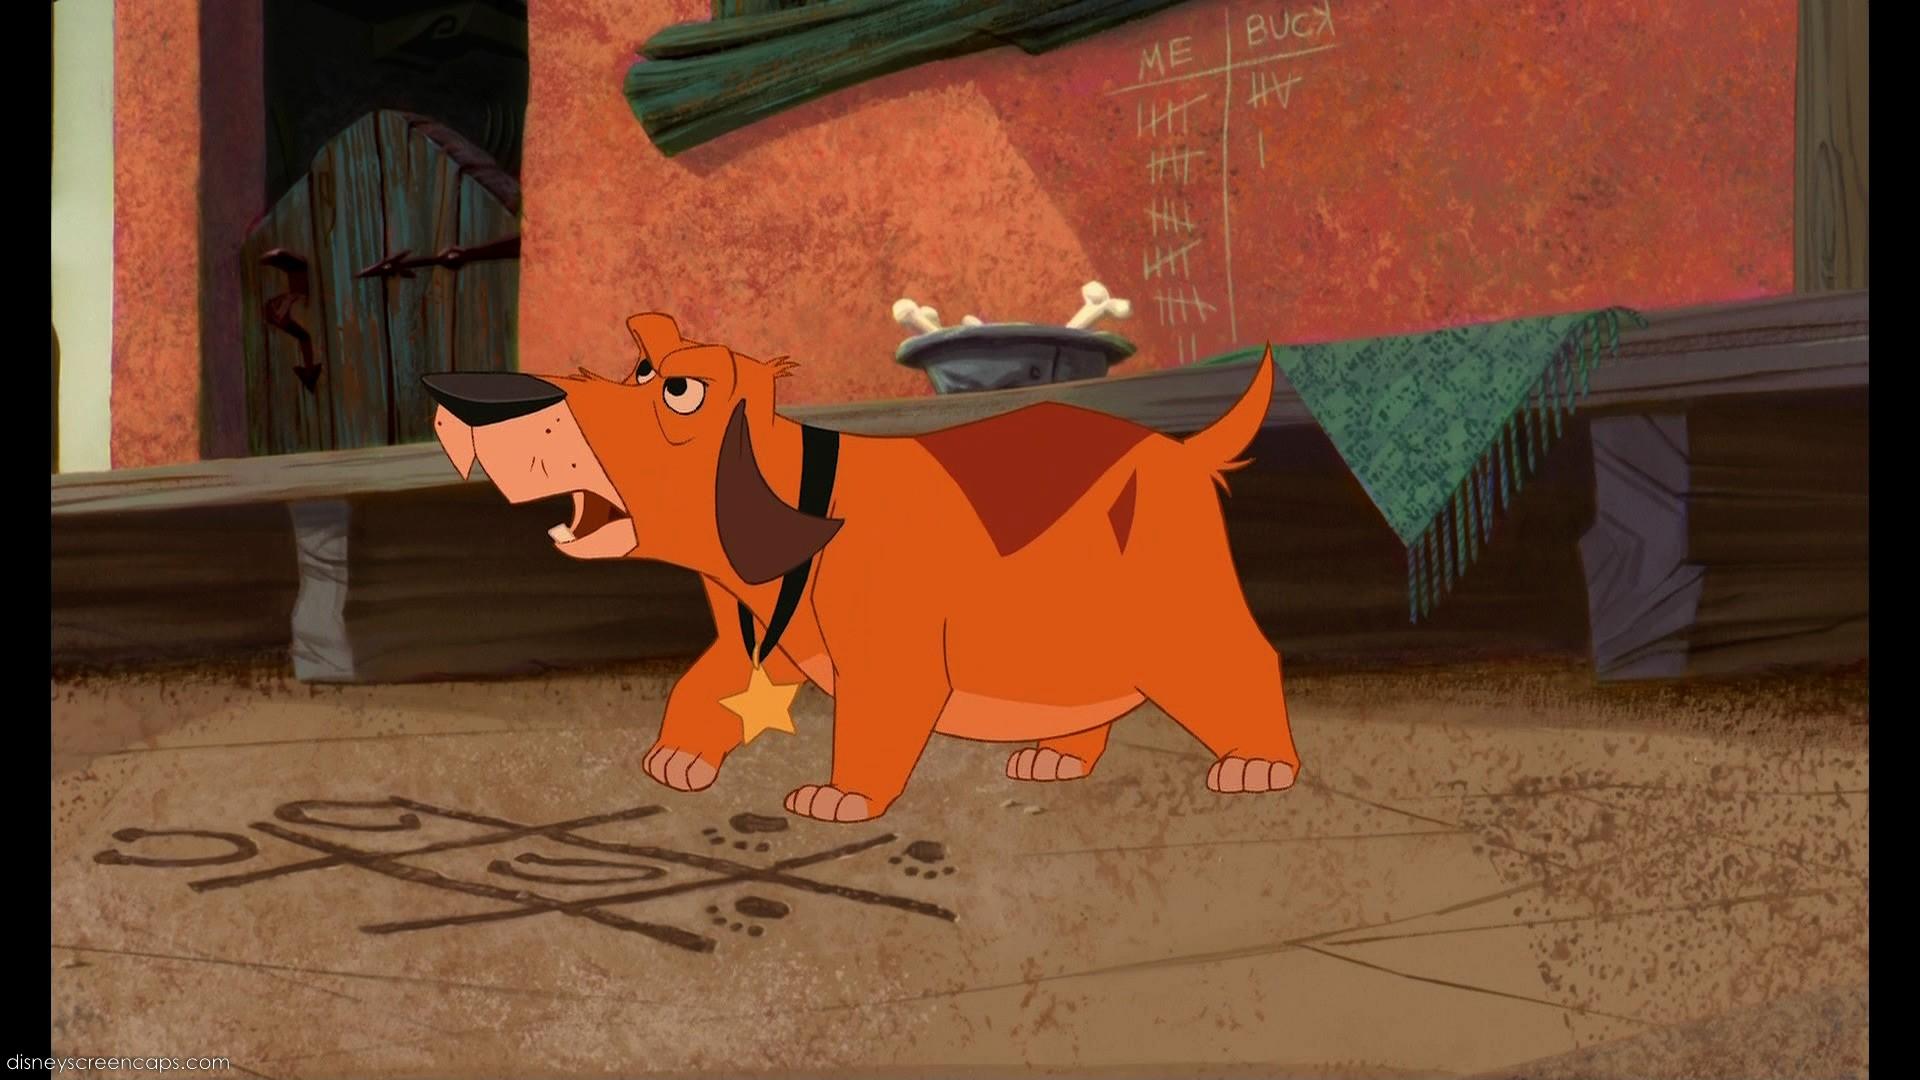 ラスティ : 意外なディズニーキャラクターの声を担当している俳優、歌手